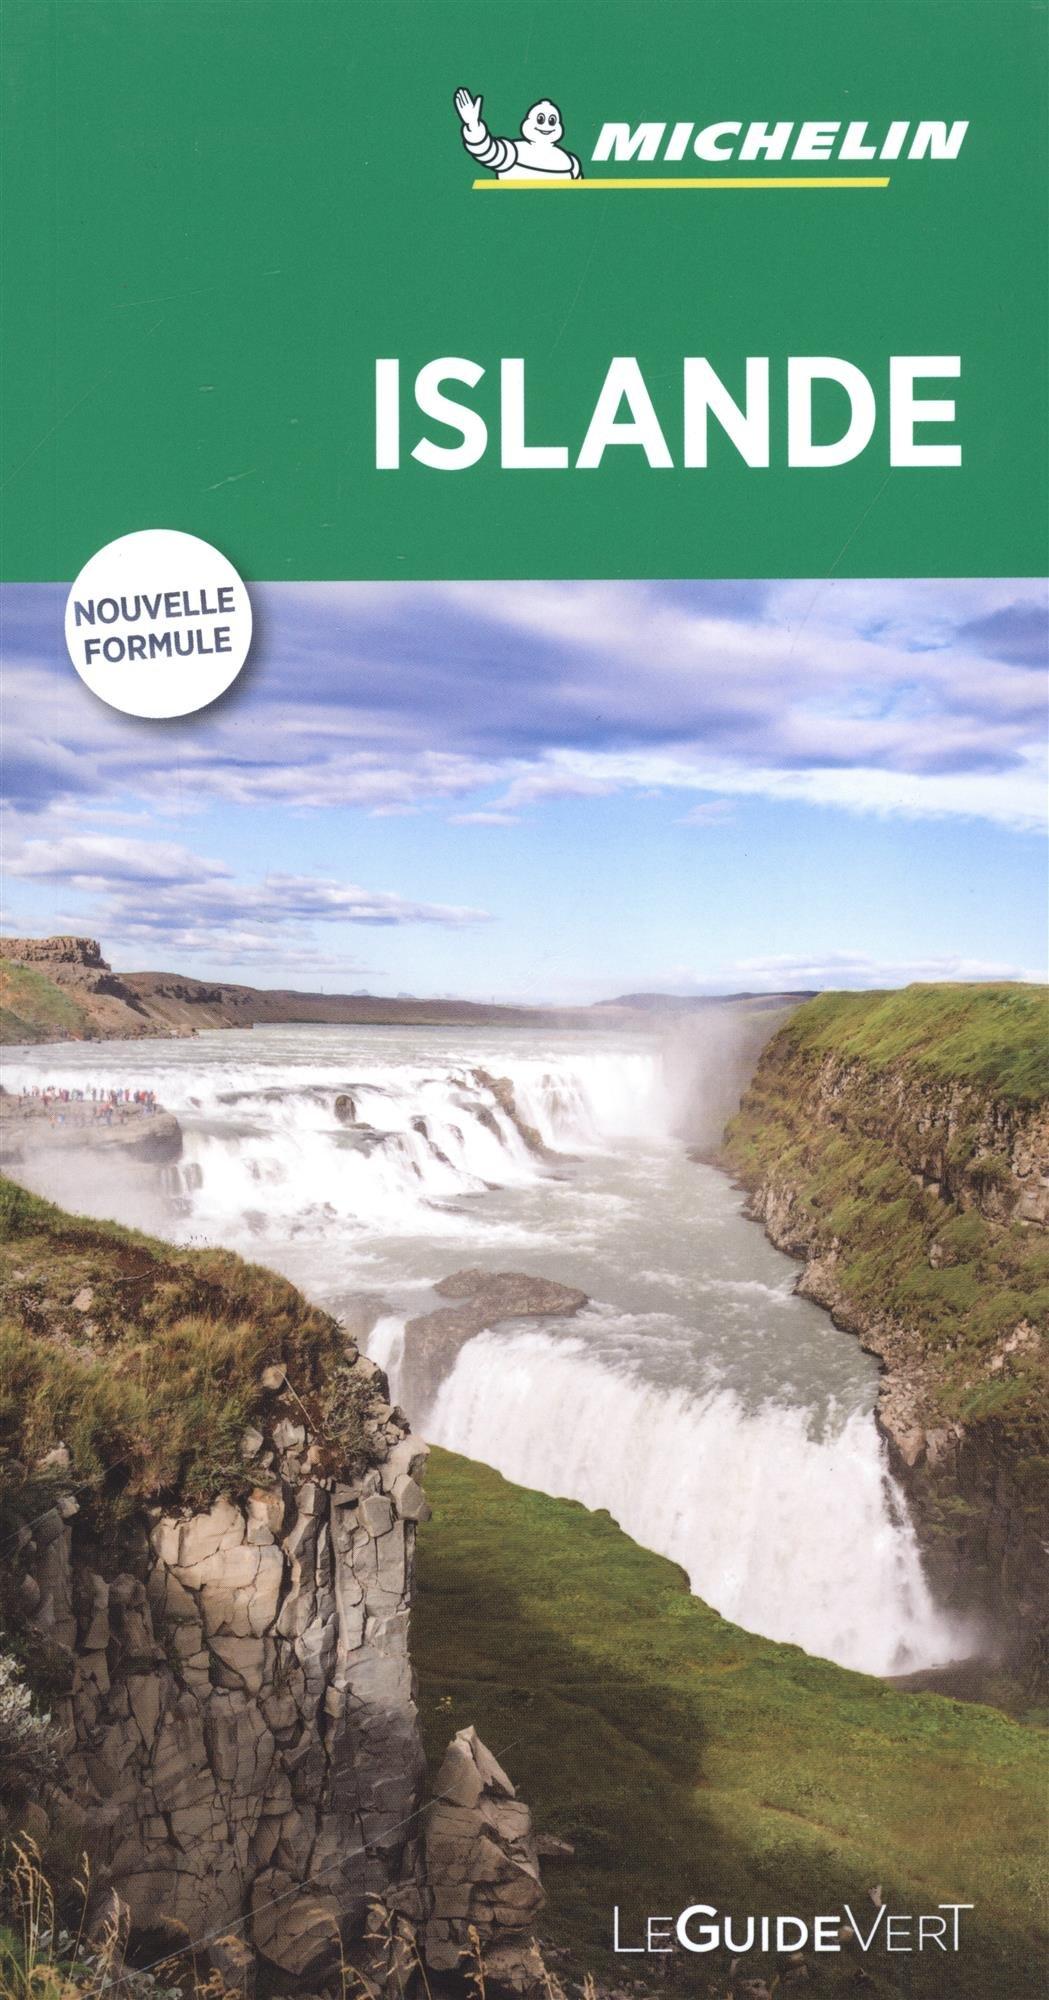 Guide Vert Islande Michelin Broché – 10 février 2018 2067227335 Voyages / Guides touristiques Europe Guides étrangers